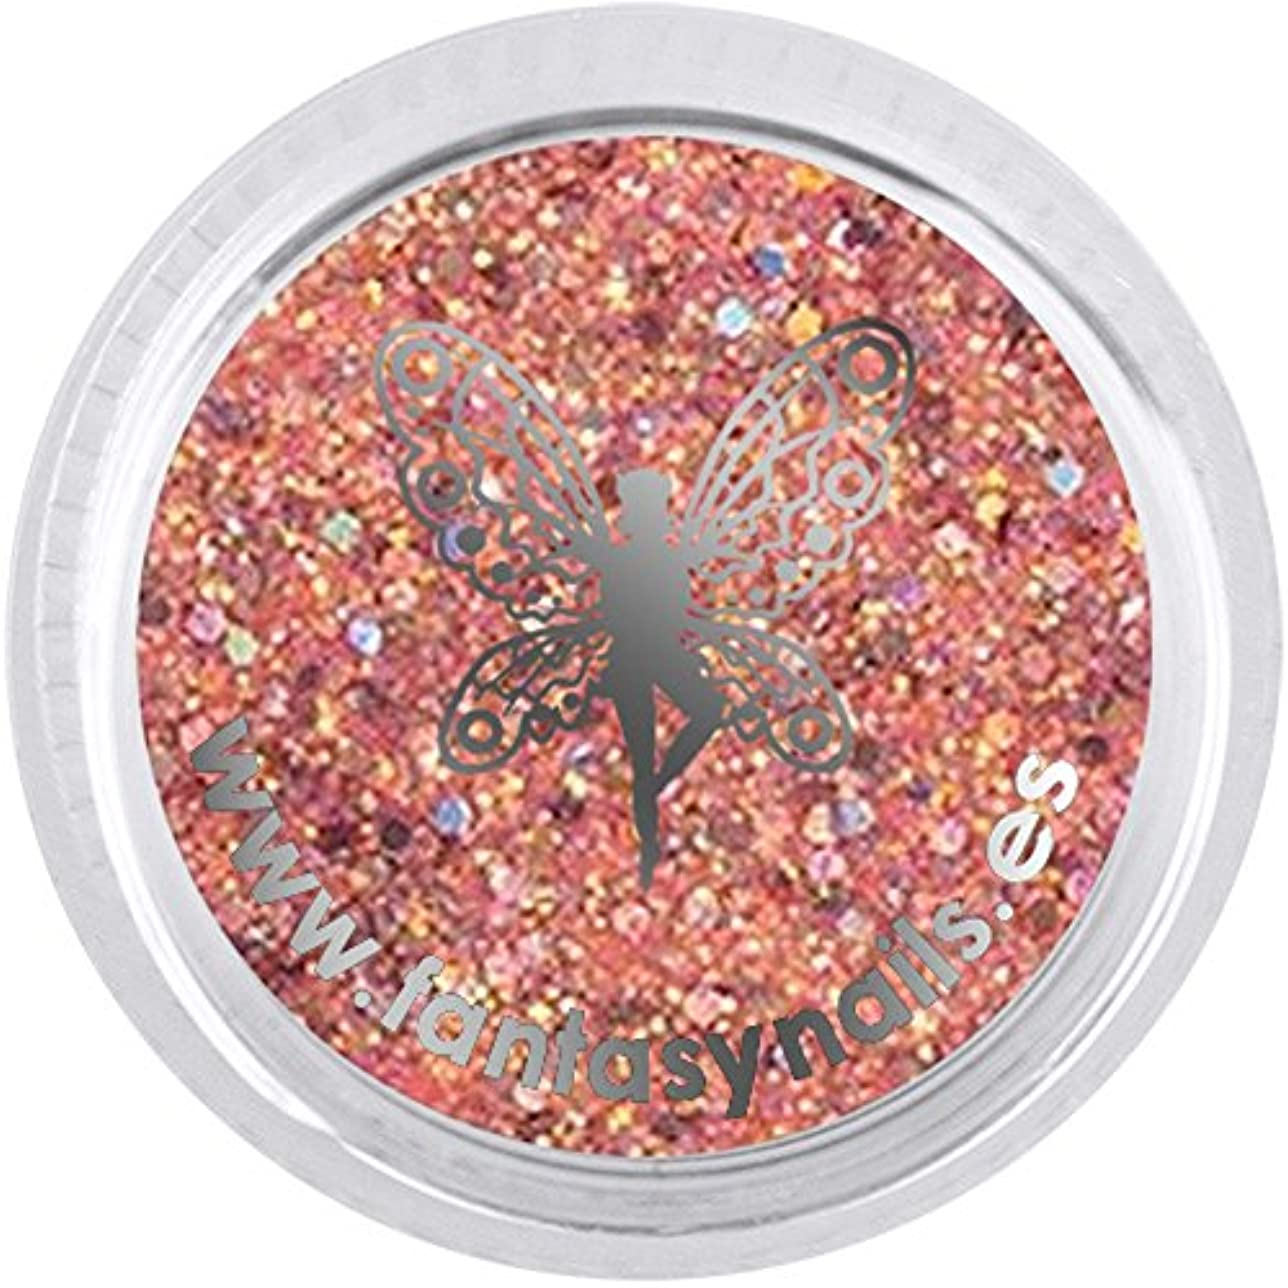 ミスペンドサミュエル倍増FANTASY NAIL ダイヤモンドコレクション 3g 4255XS カラーパウダー アート材